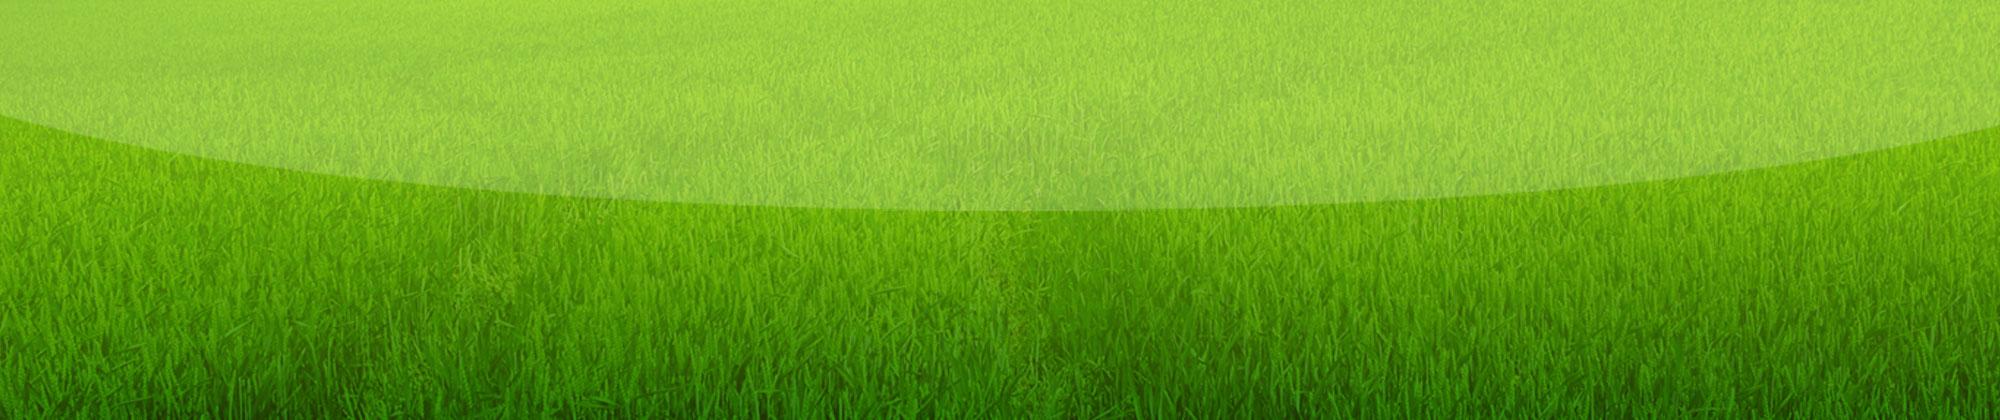 grass-background1